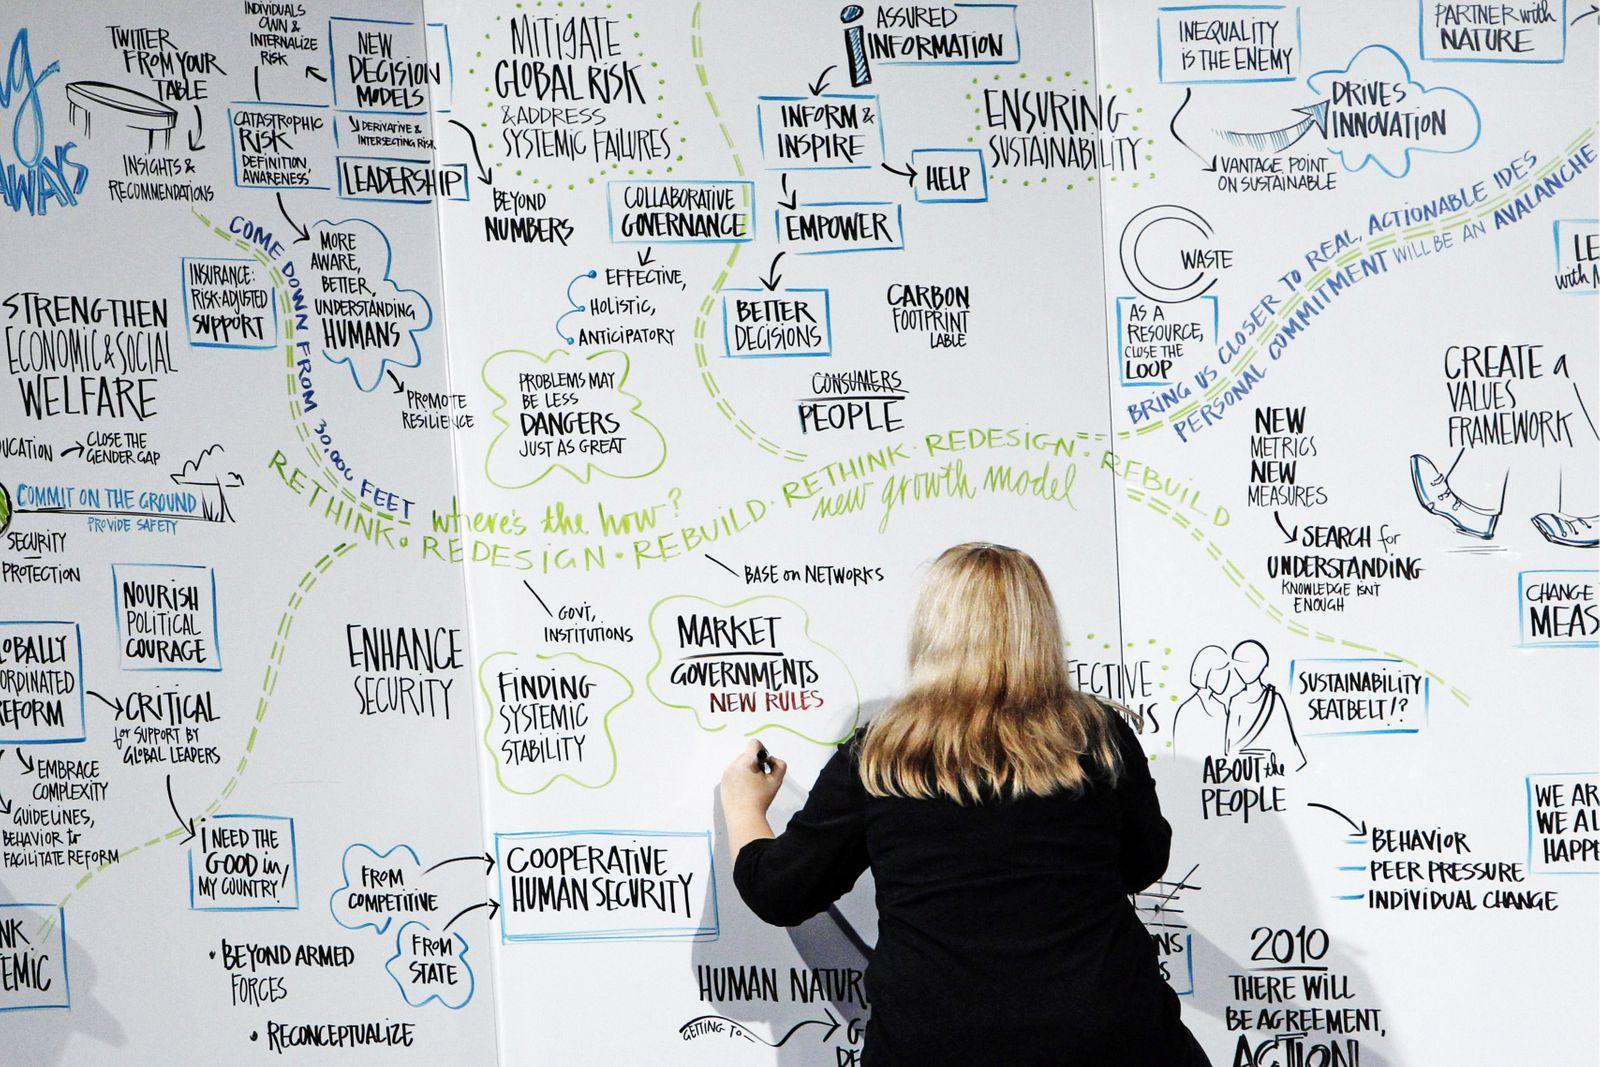 40. Wirtschaftsforum in Davos